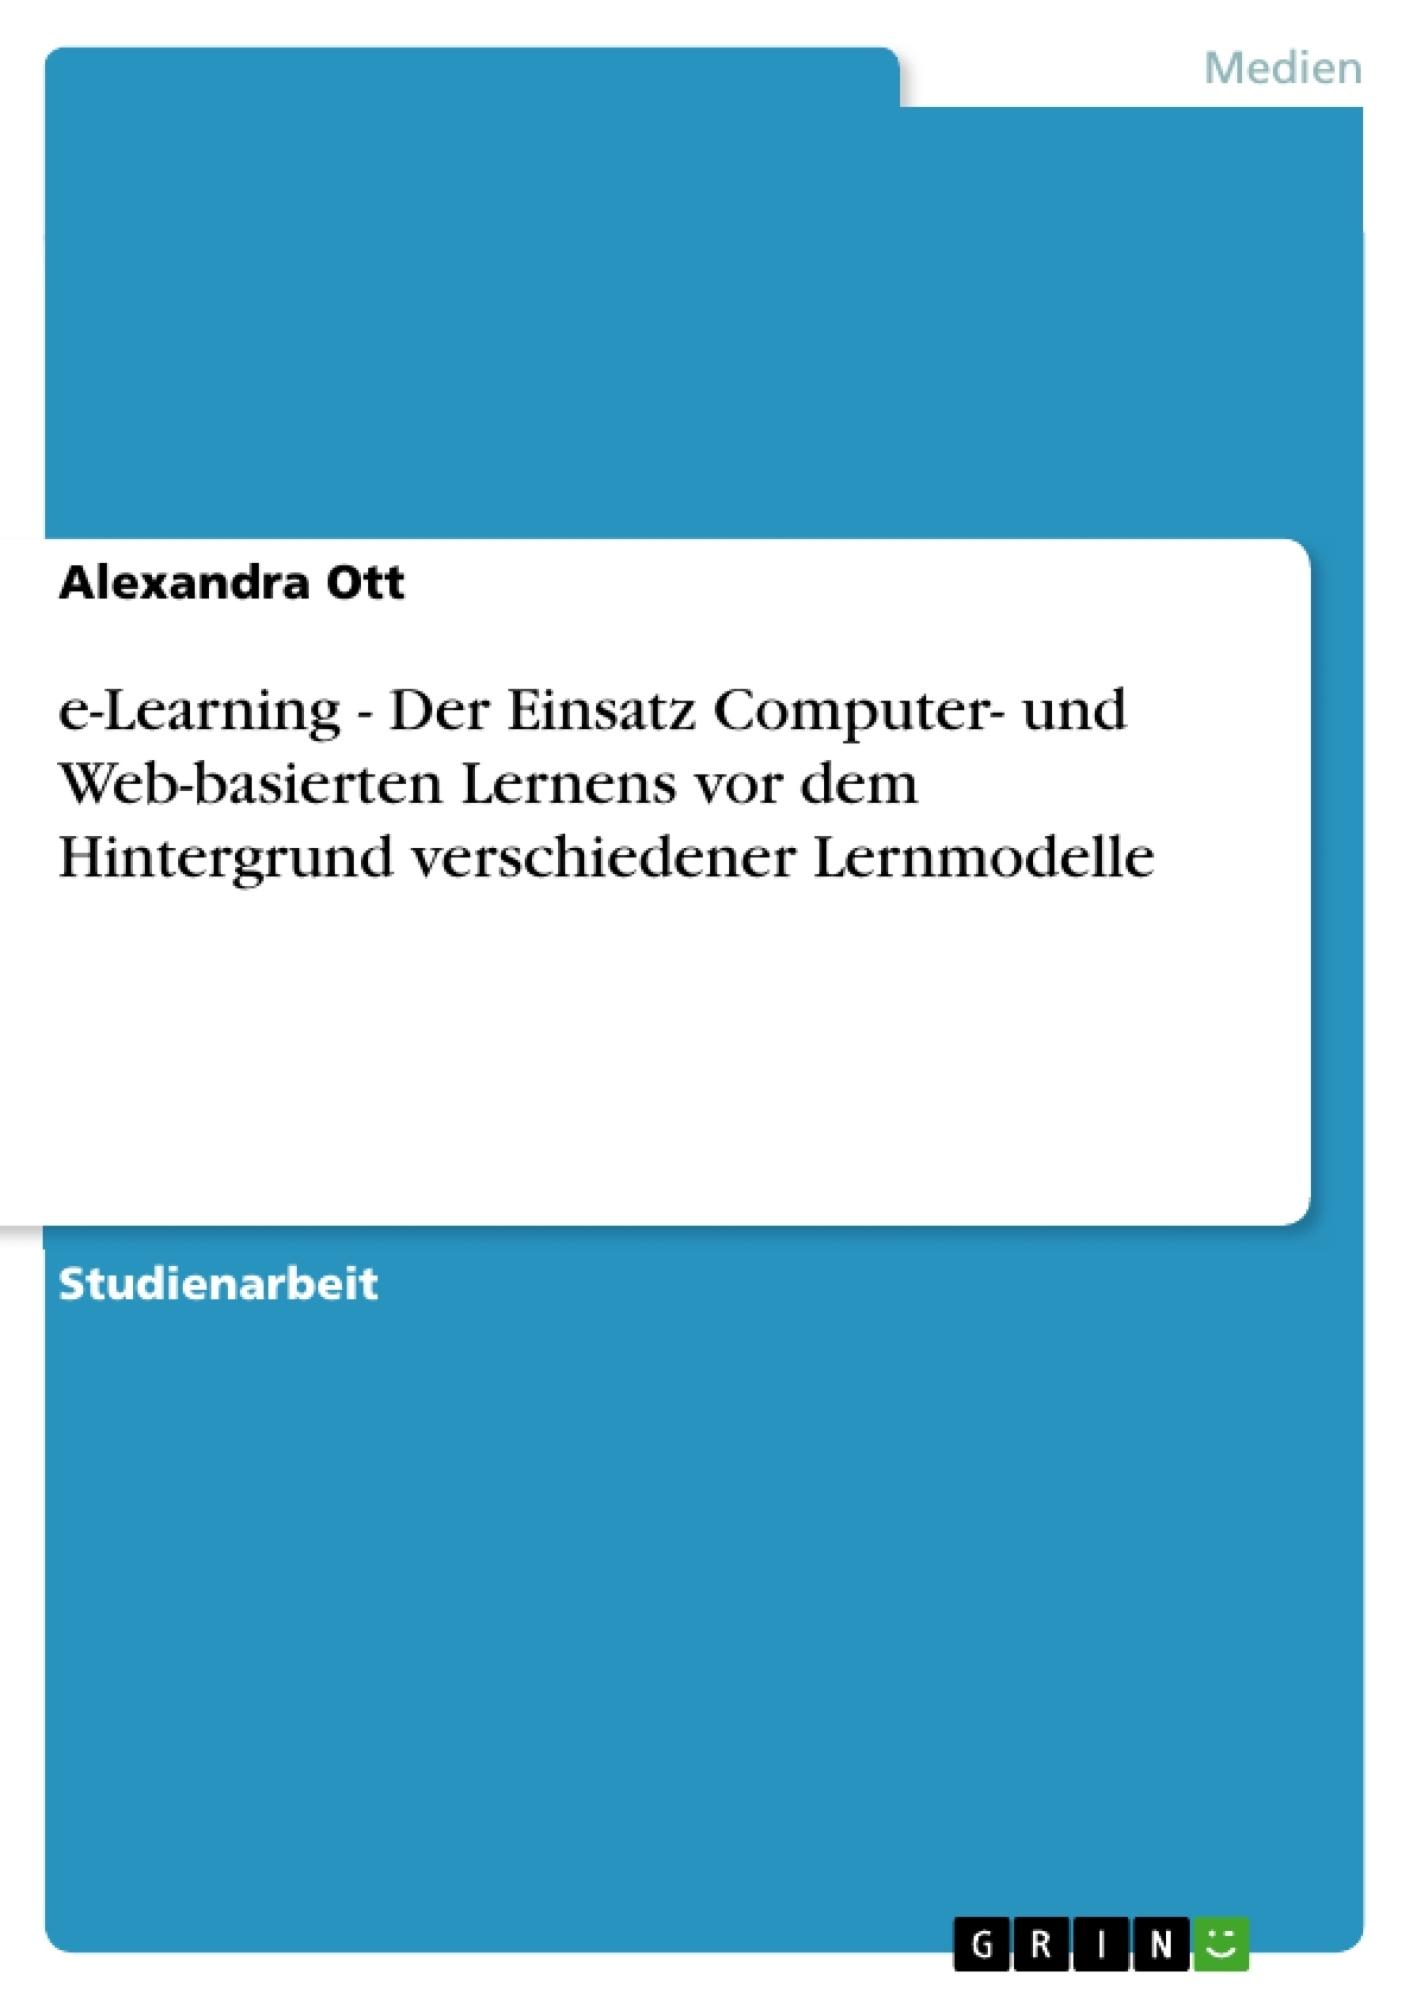 Titel: e-Learning - Der Einsatz Computer- und Web-basierten Lernens vor dem Hintergrund verschiedener Lernmodelle